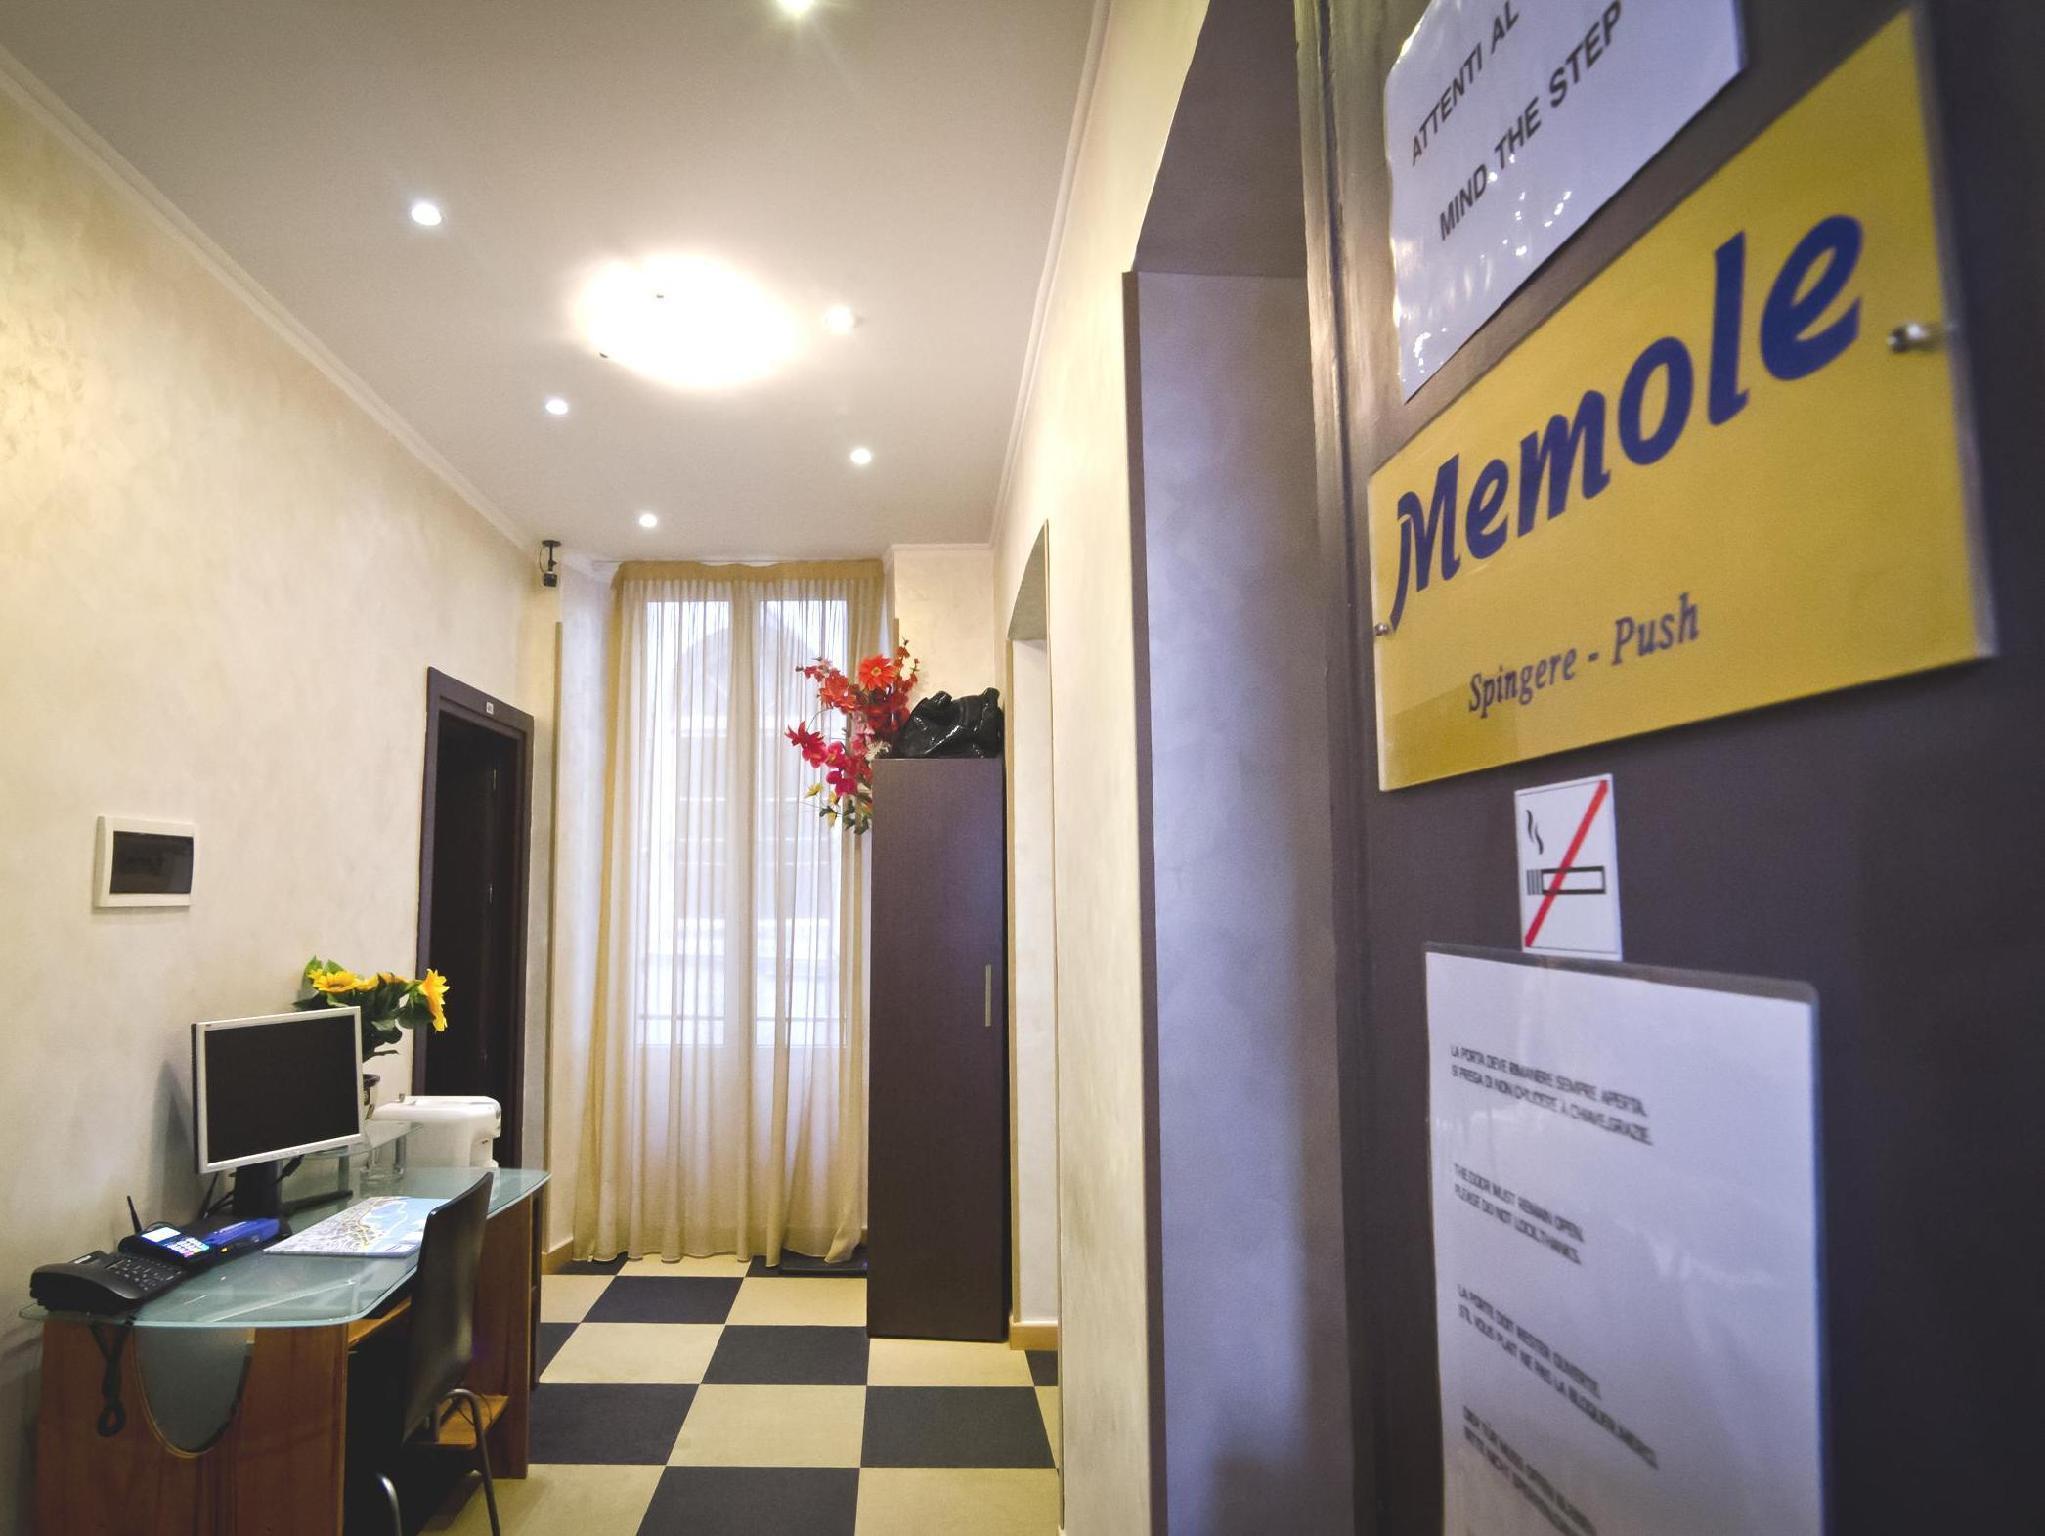 Memole Inn Sanremo